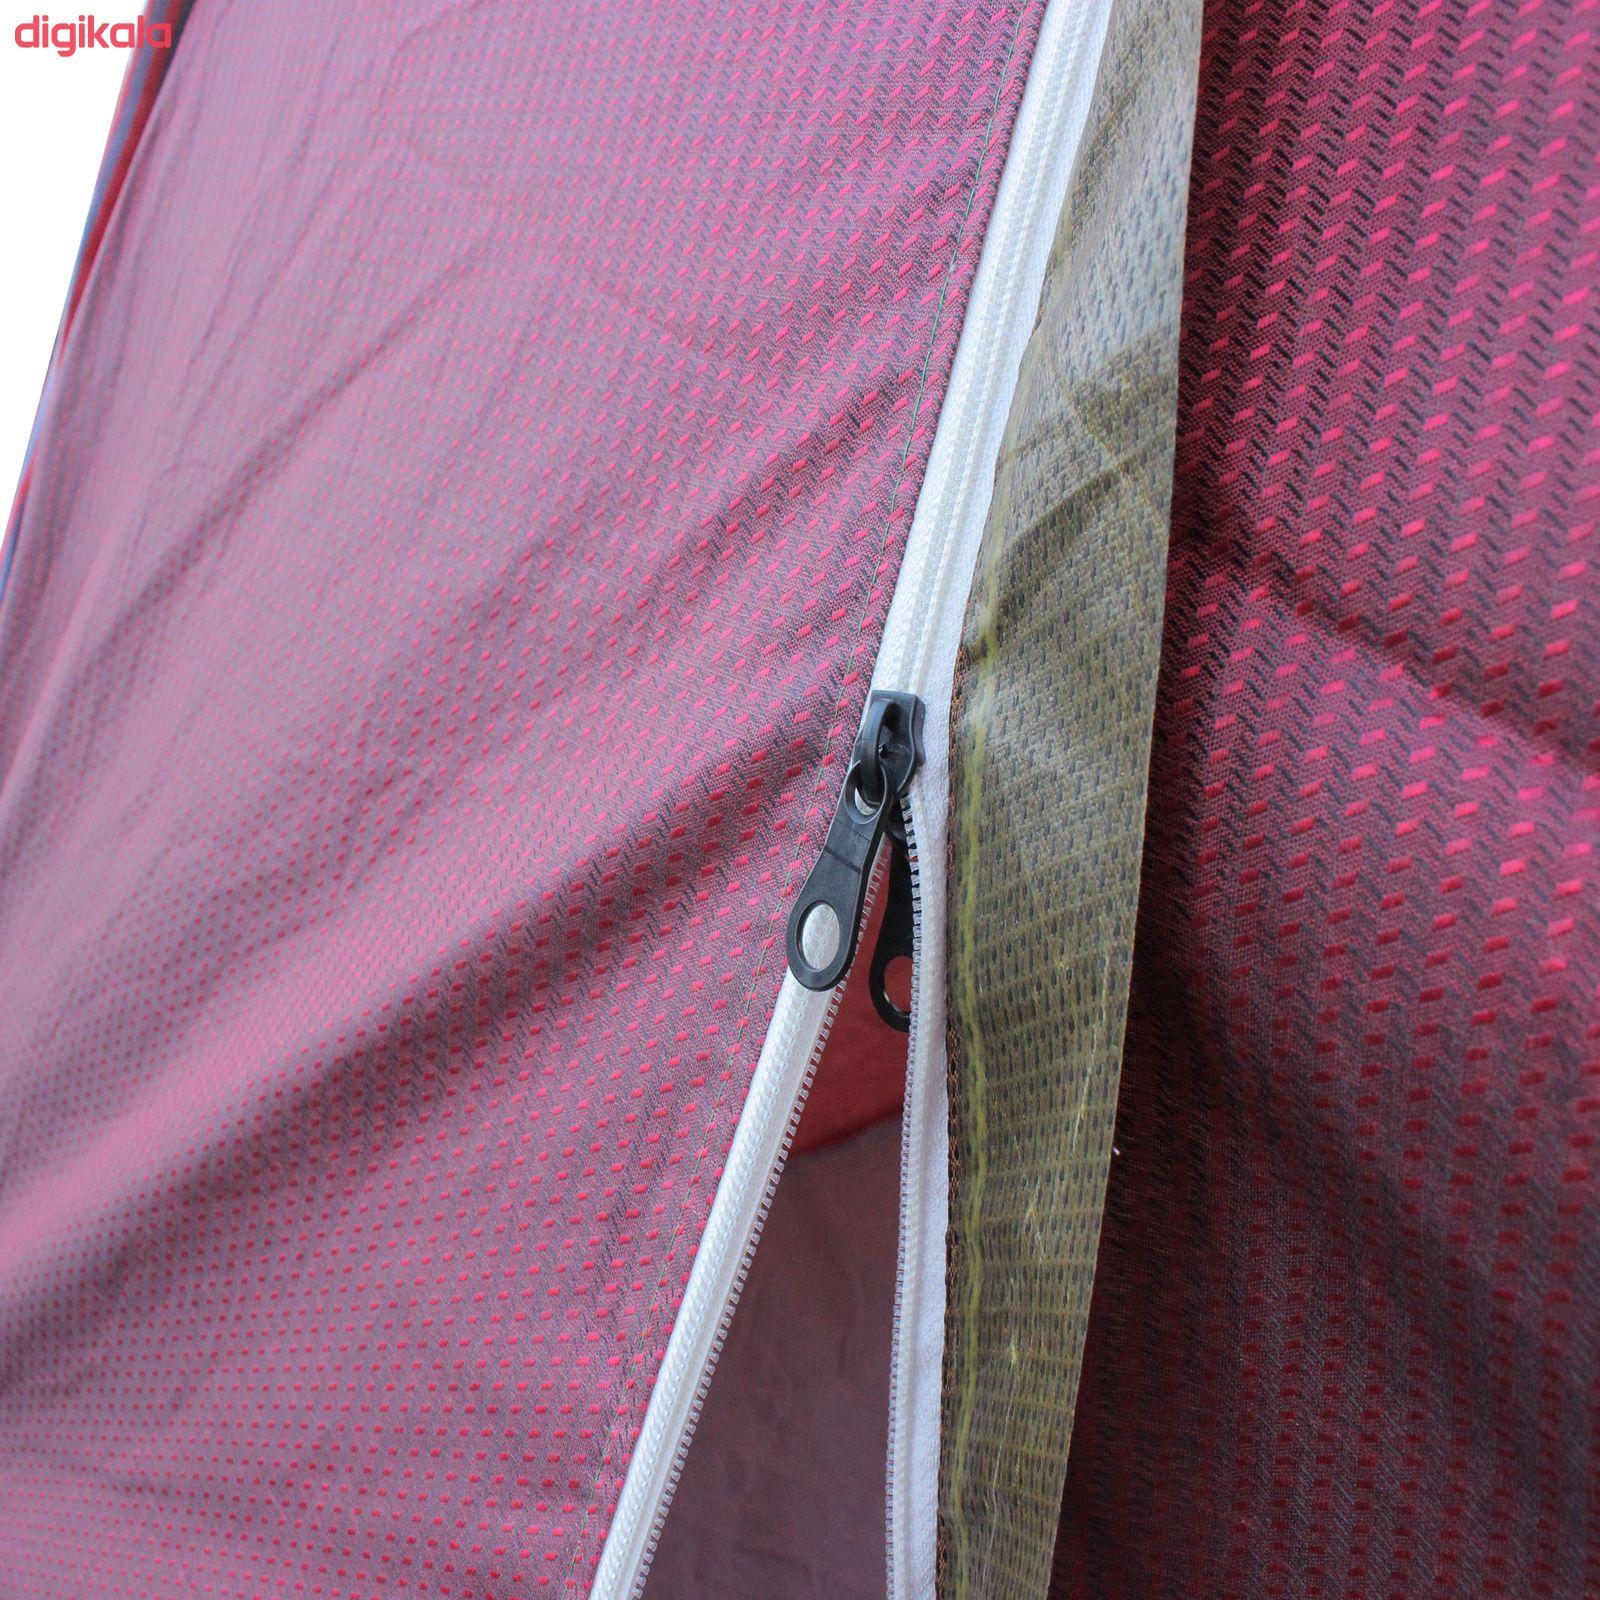 چادر مسافرتی 8 نفره مدل TAYSIZHIGH01 main 1 3